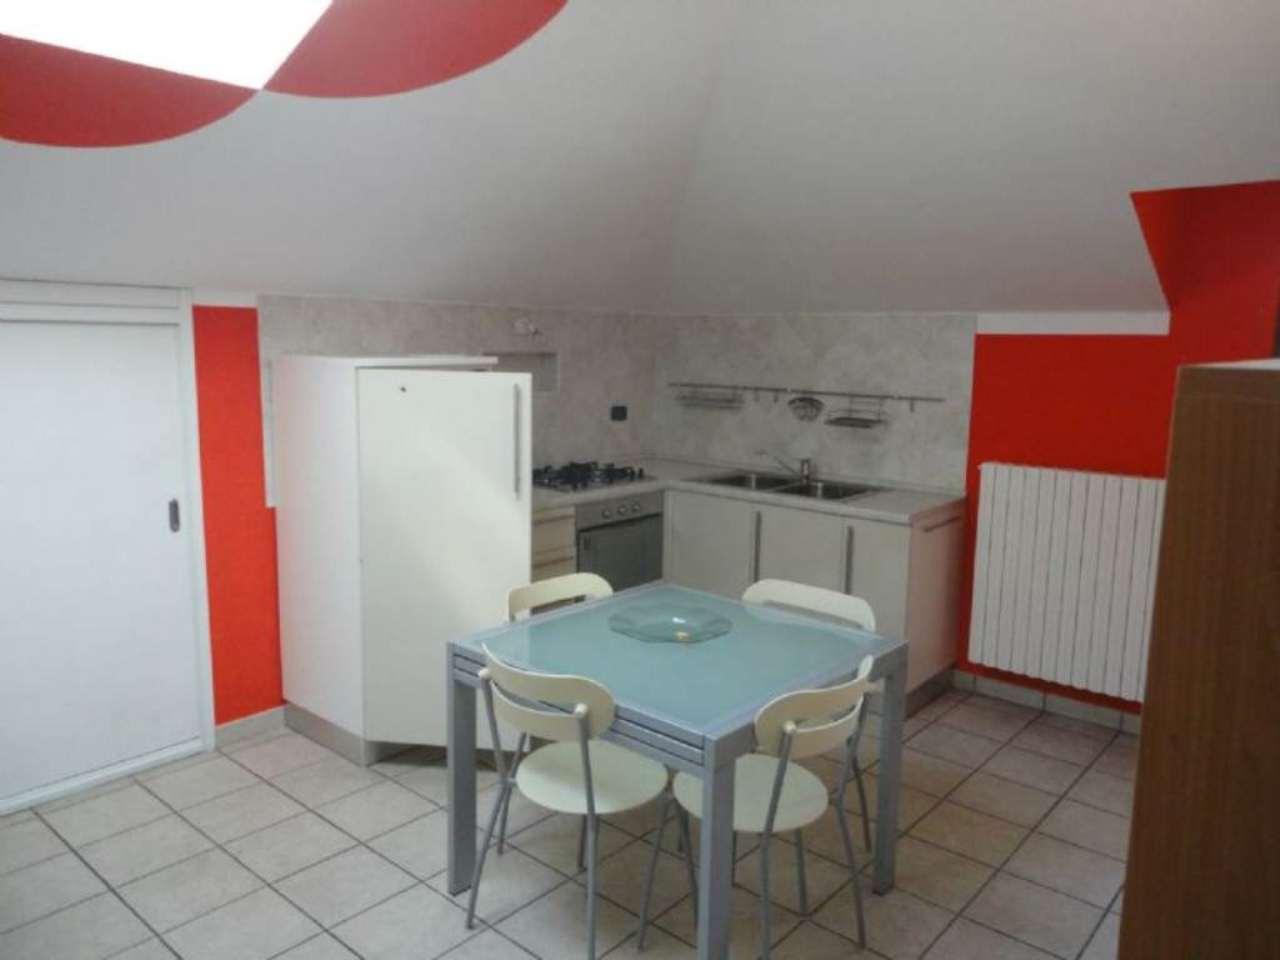 Appartamento in vendita a Narzole, 2 locali, prezzo € 55.000 | CambioCasa.it